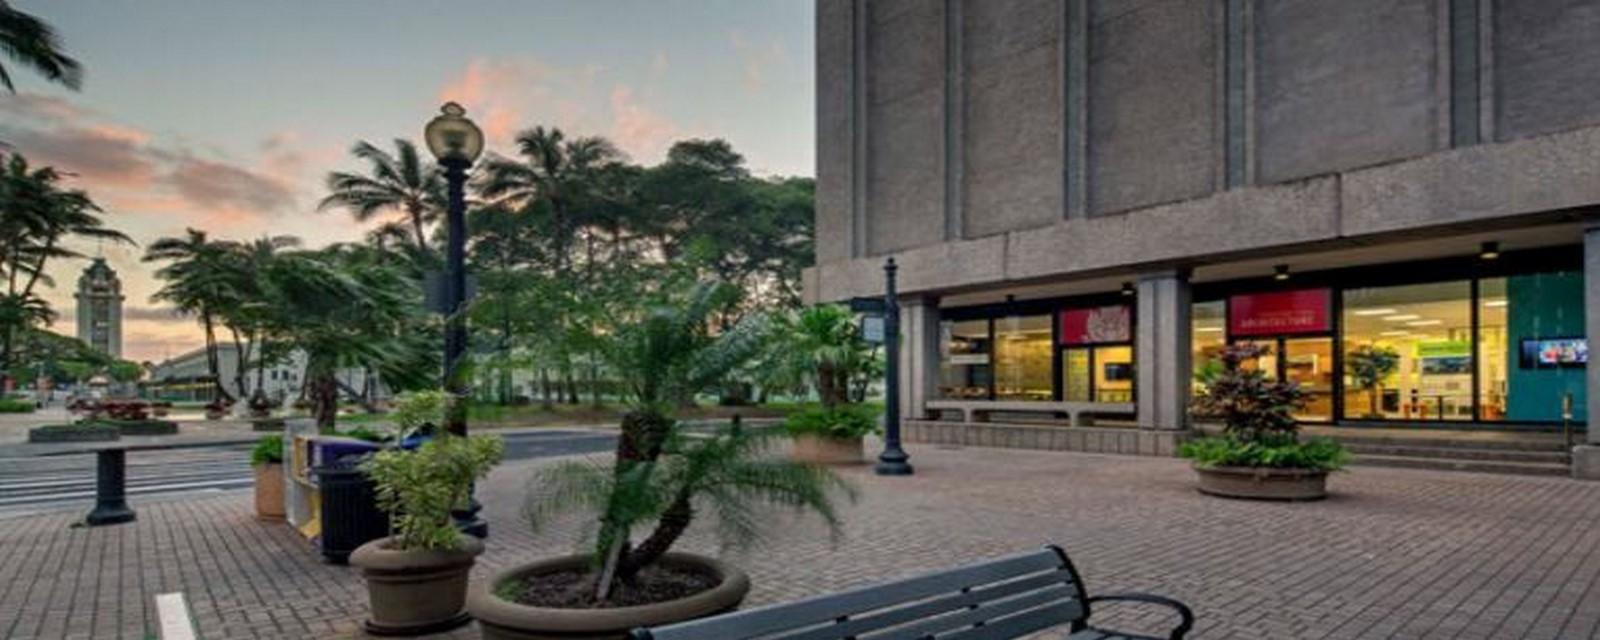 Architects in Honolulu - Top 65 Architects in Honolulu - Sheet6